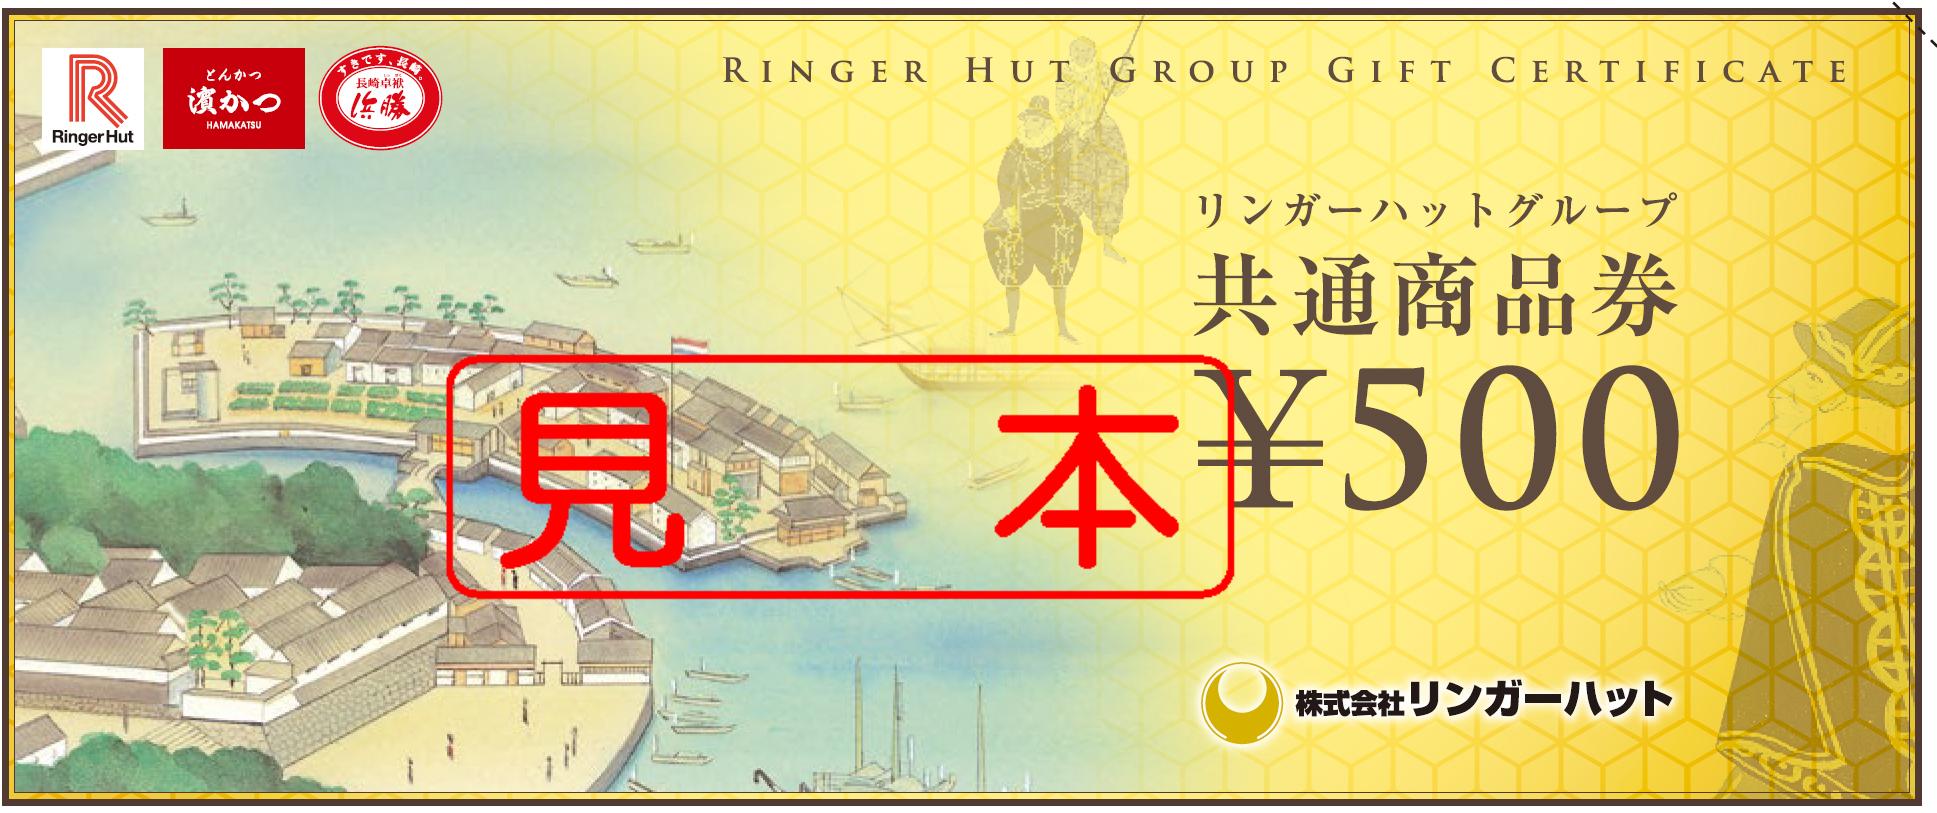 リンガーハットグループ共通商品券24枚